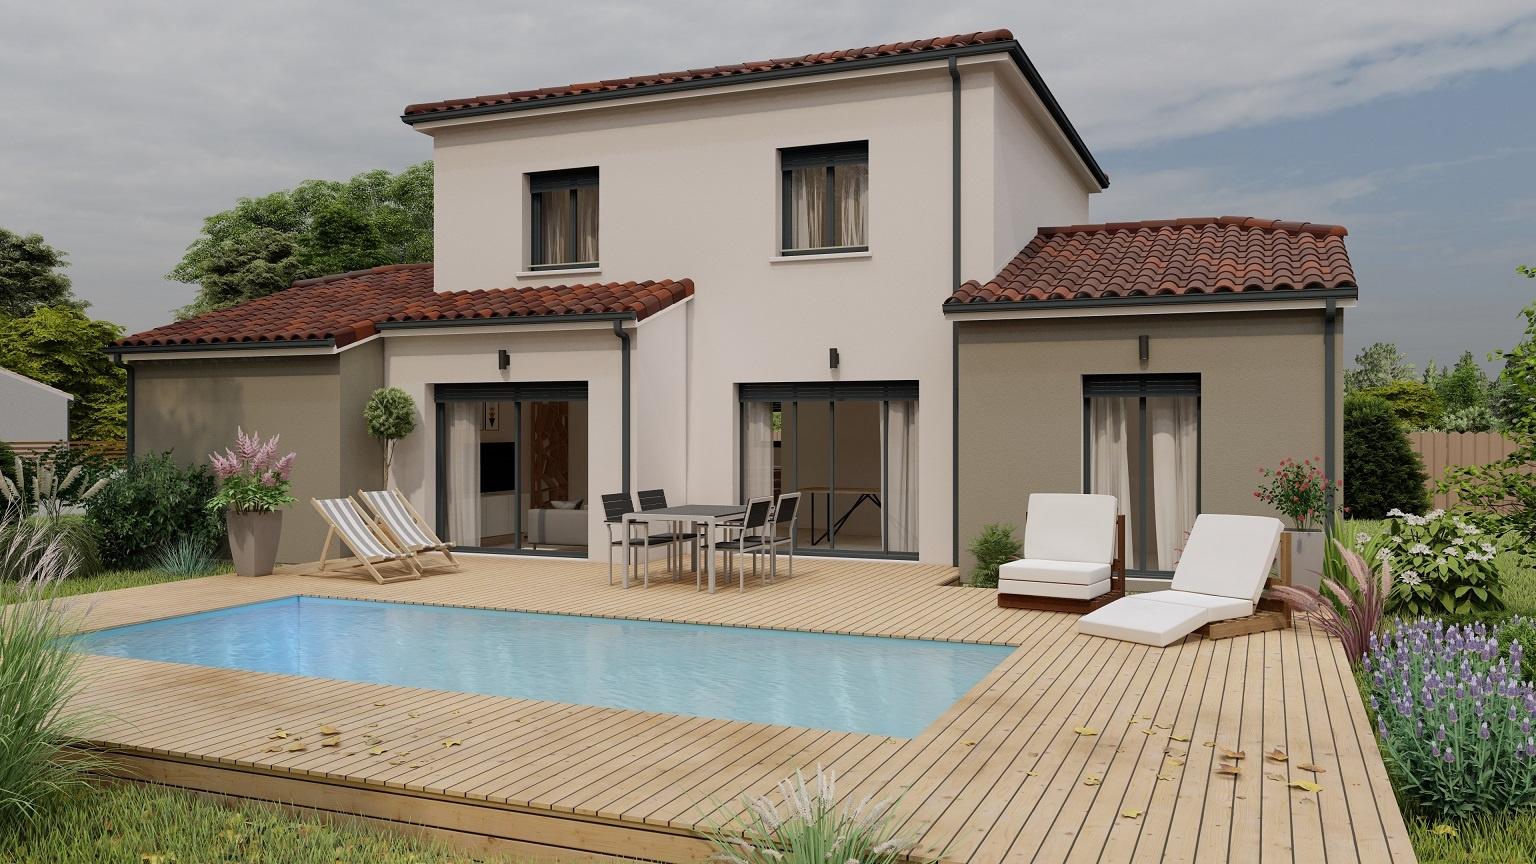 Vente maison à Benejacq (64800) de 125 m2 habitable sur terrain de 809 m2